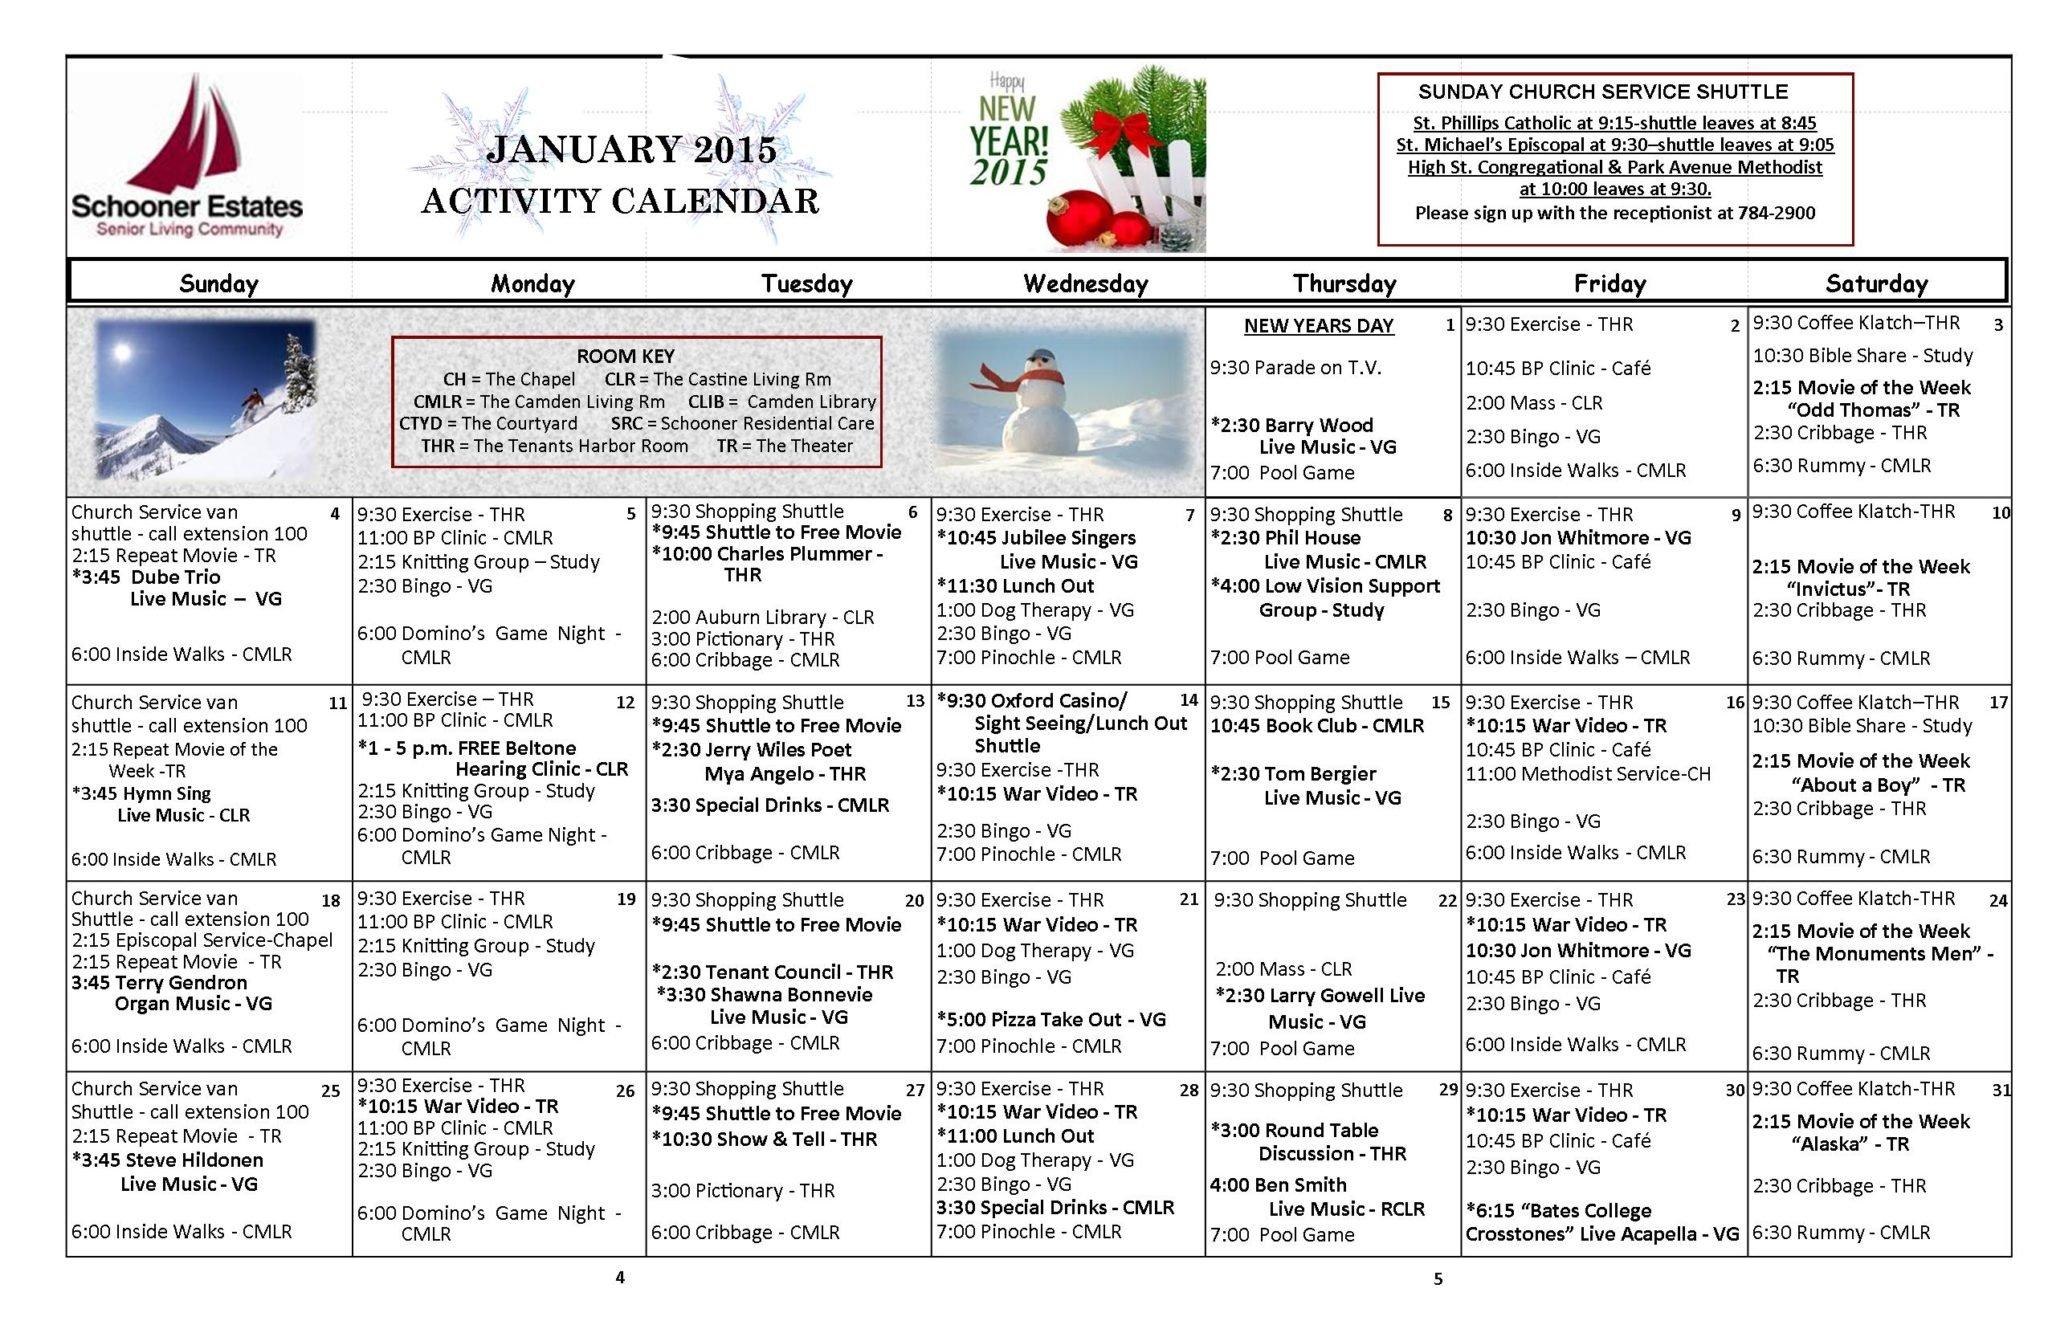 January 2015 activity calendar